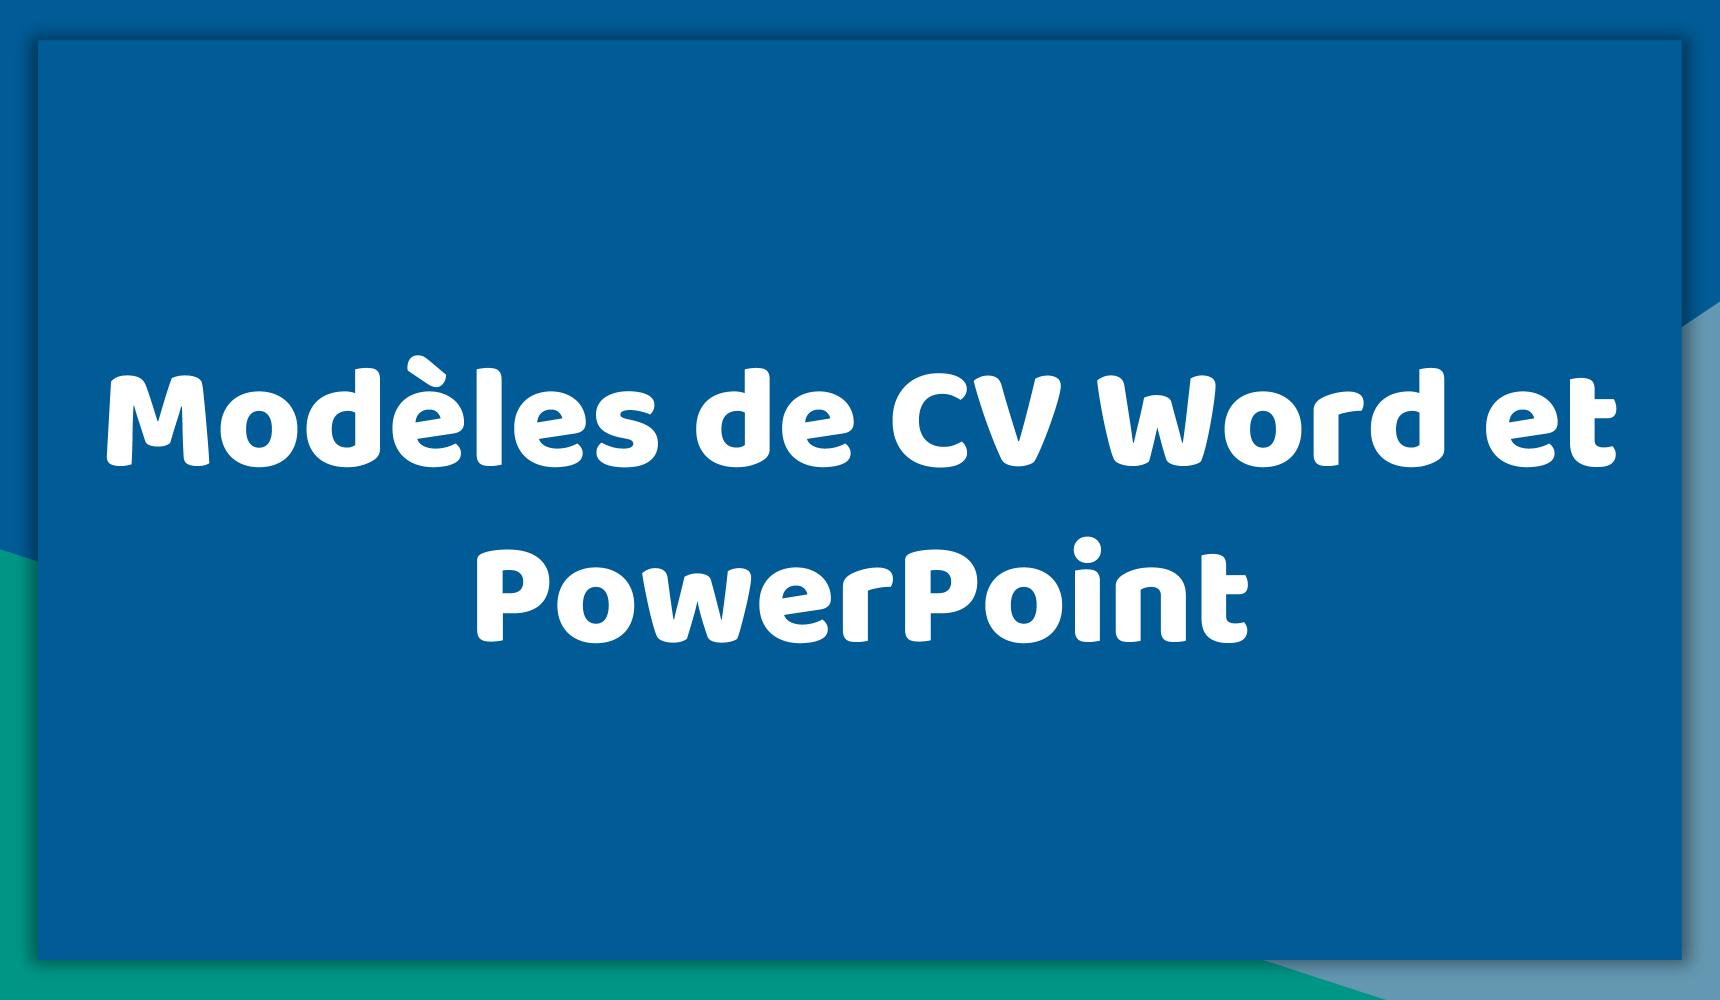 Meilleurs Modèles de CV Word et PowerPoint Gratuit